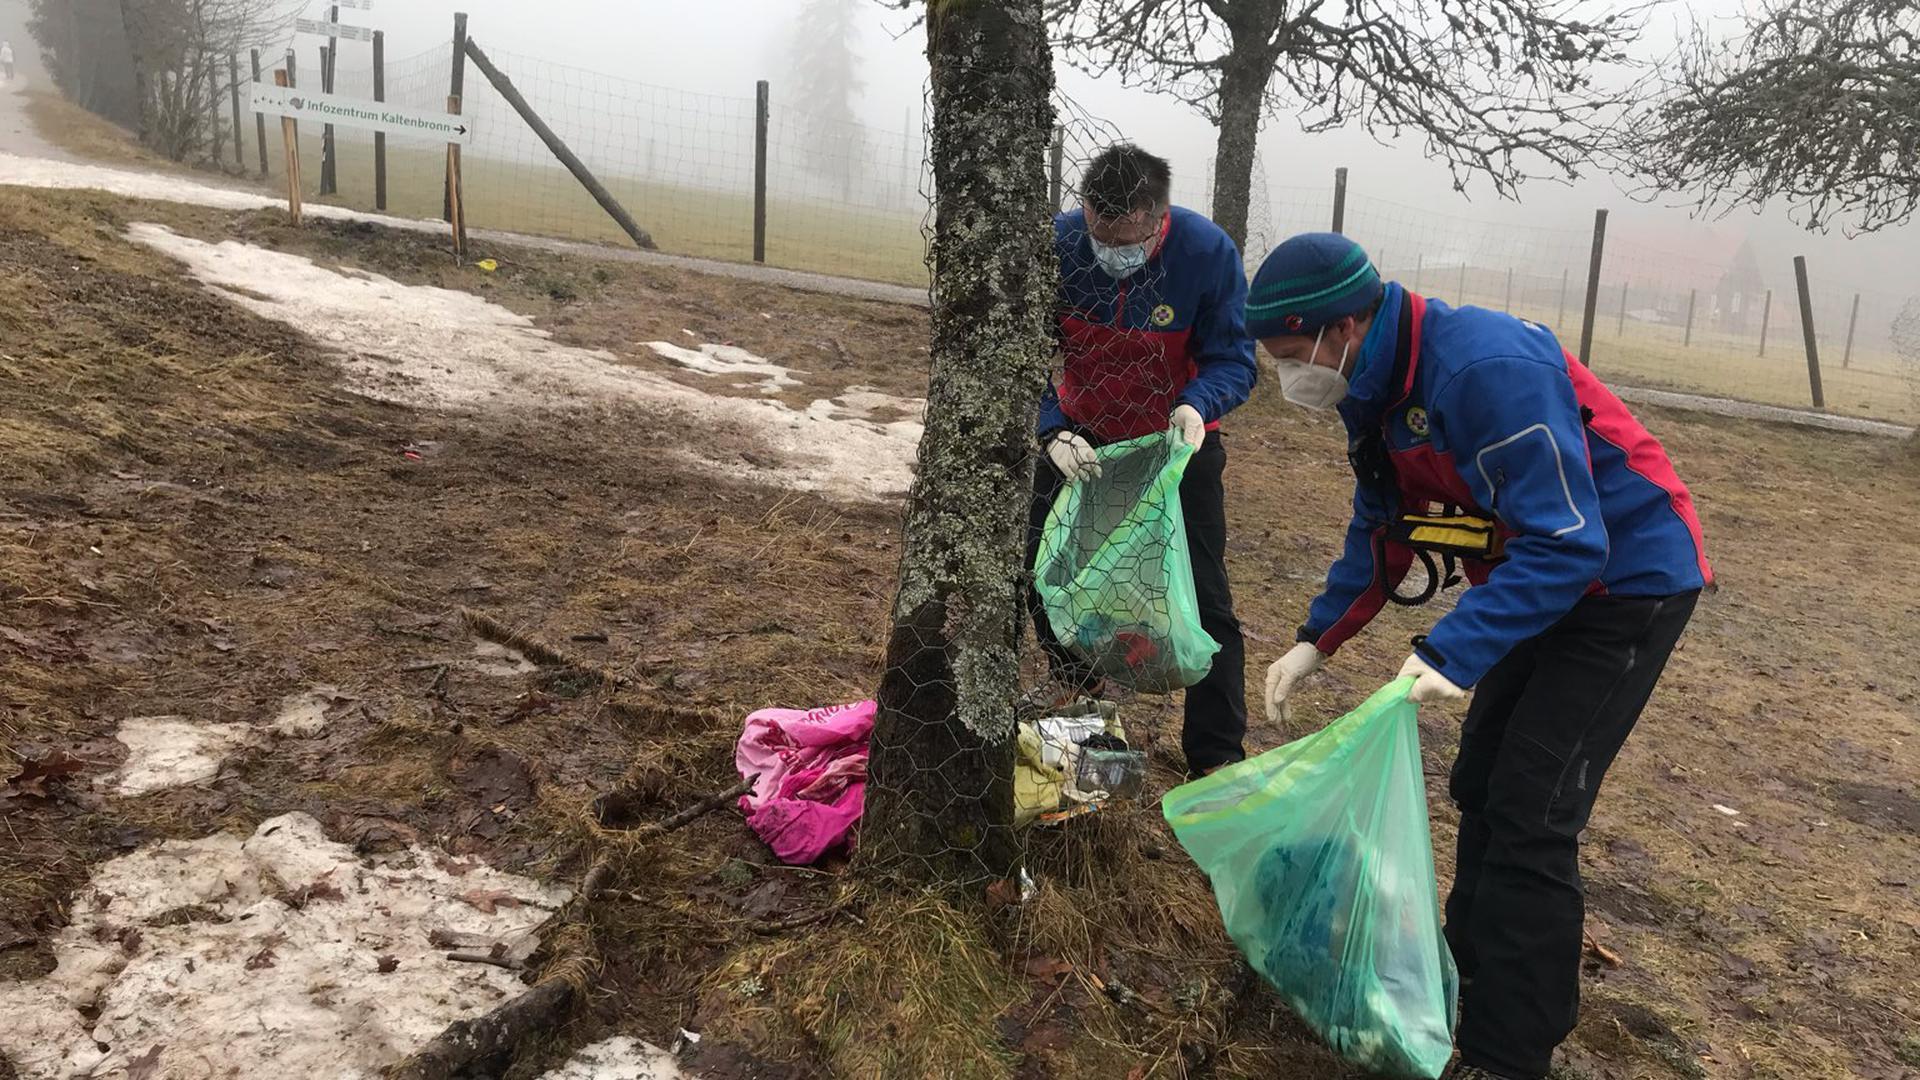 Verbissschutz wird zum Mülleimer: Mitglieder der Bergwacht Schwarzwald haben am Sonntag allerlei Unrat am Kaltenbronn in Gernsbach aufgesammelt.